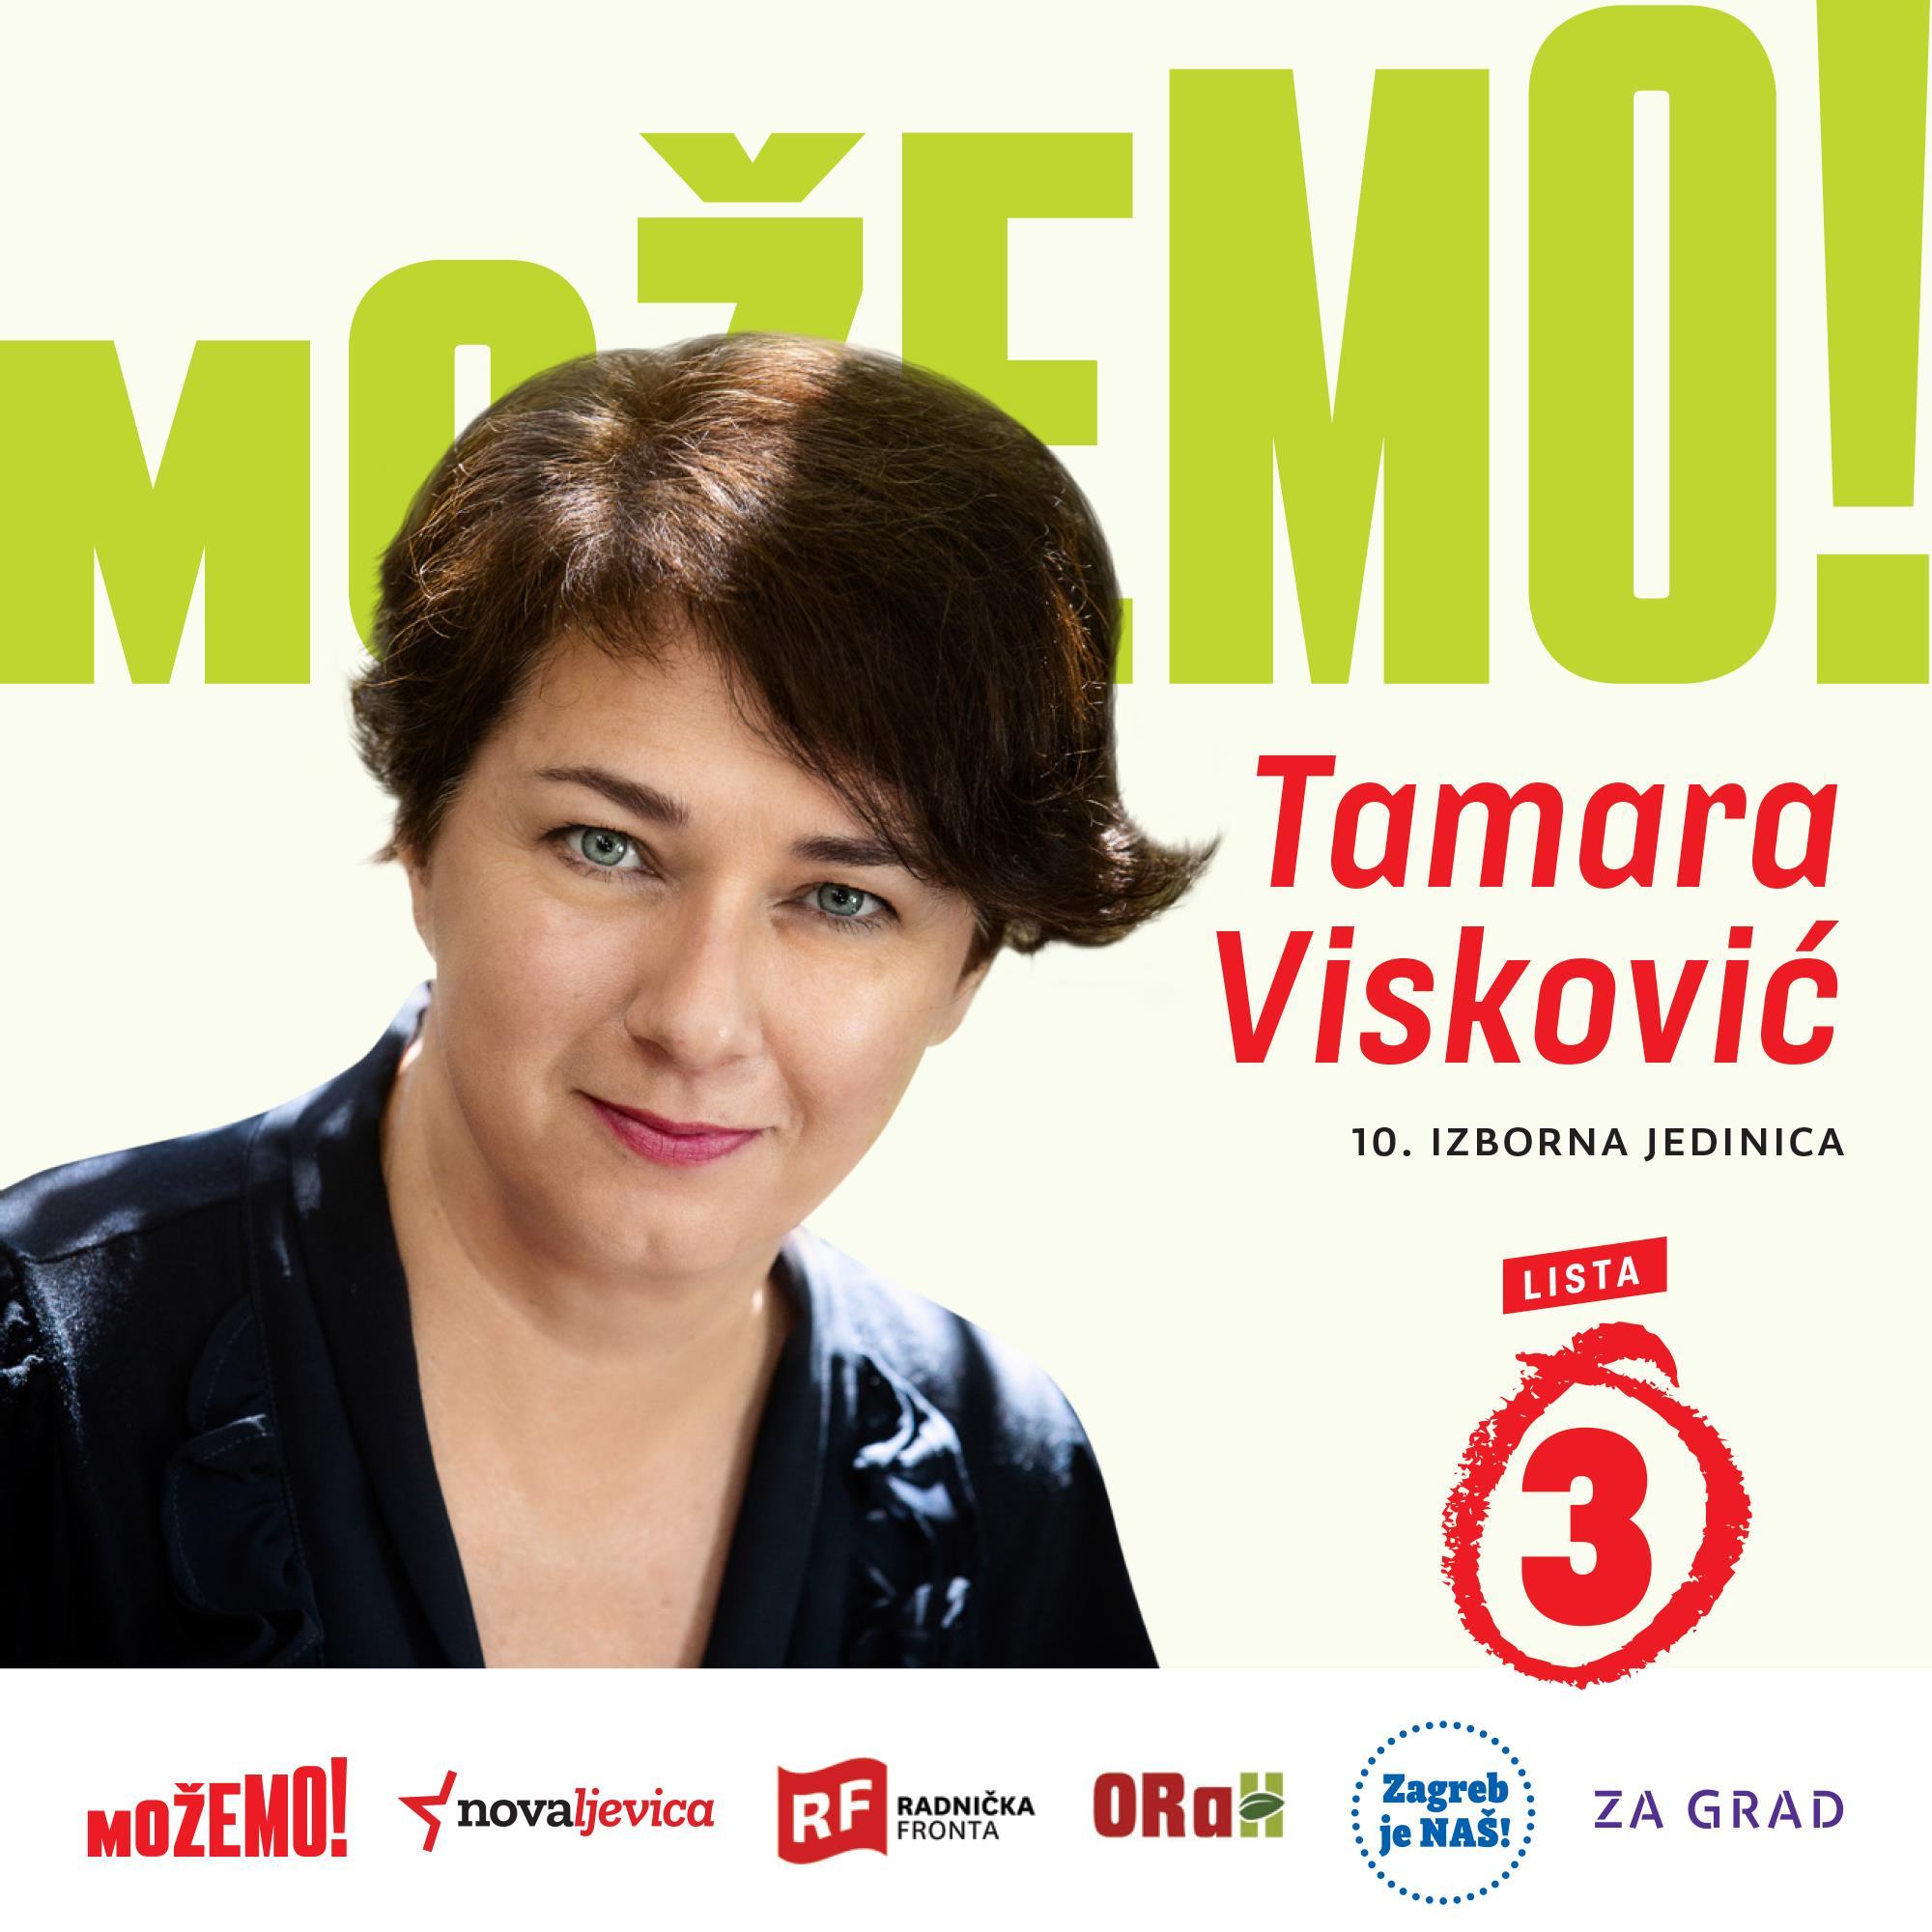 Nositeljica naše liste u 10. izbornoj jedinici je Tamara Visković!